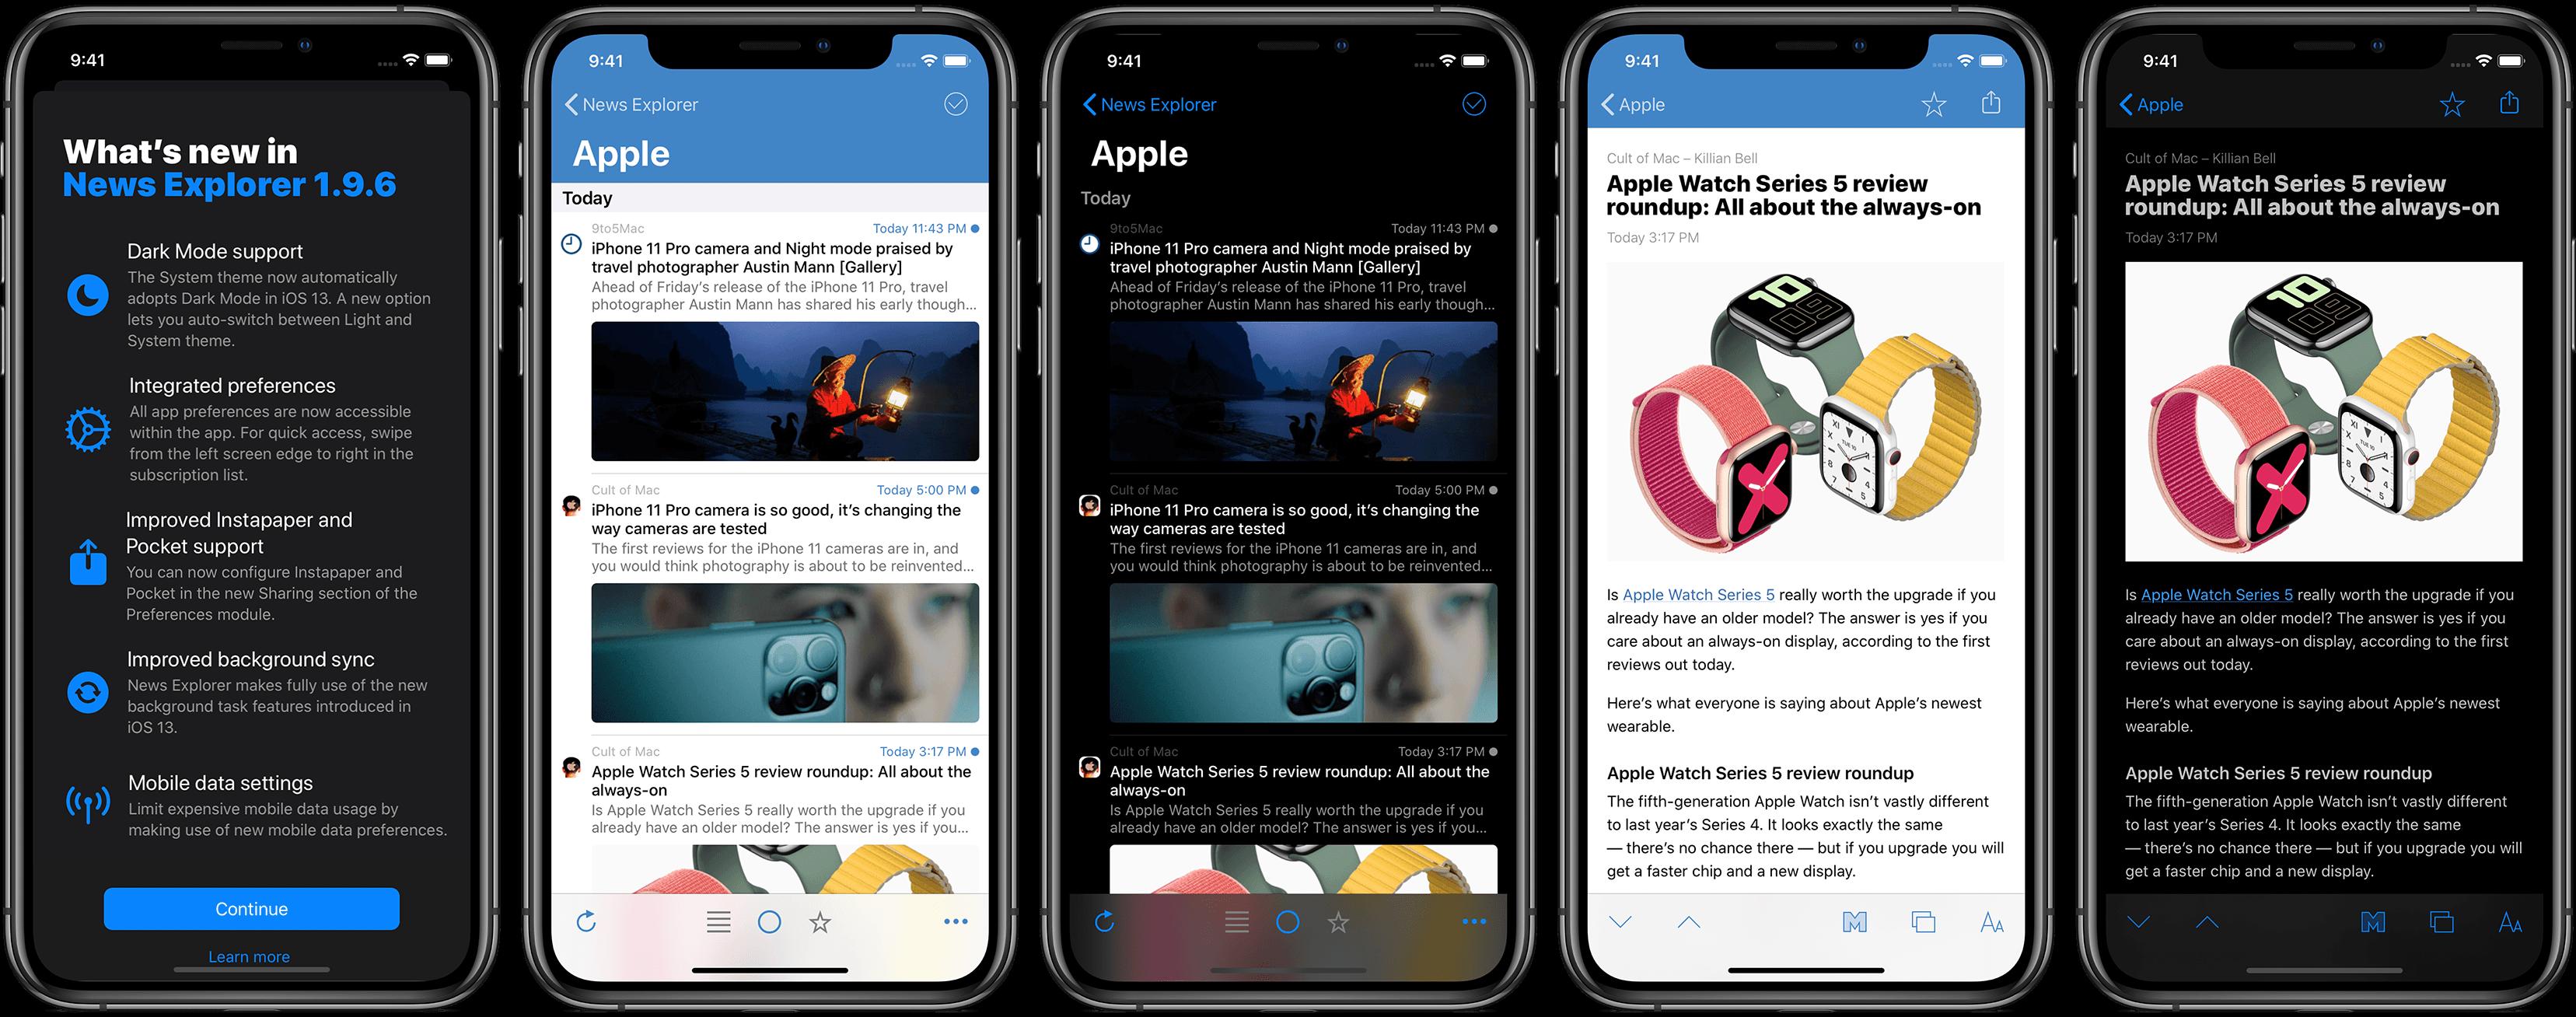 News Explorer 1.9.6